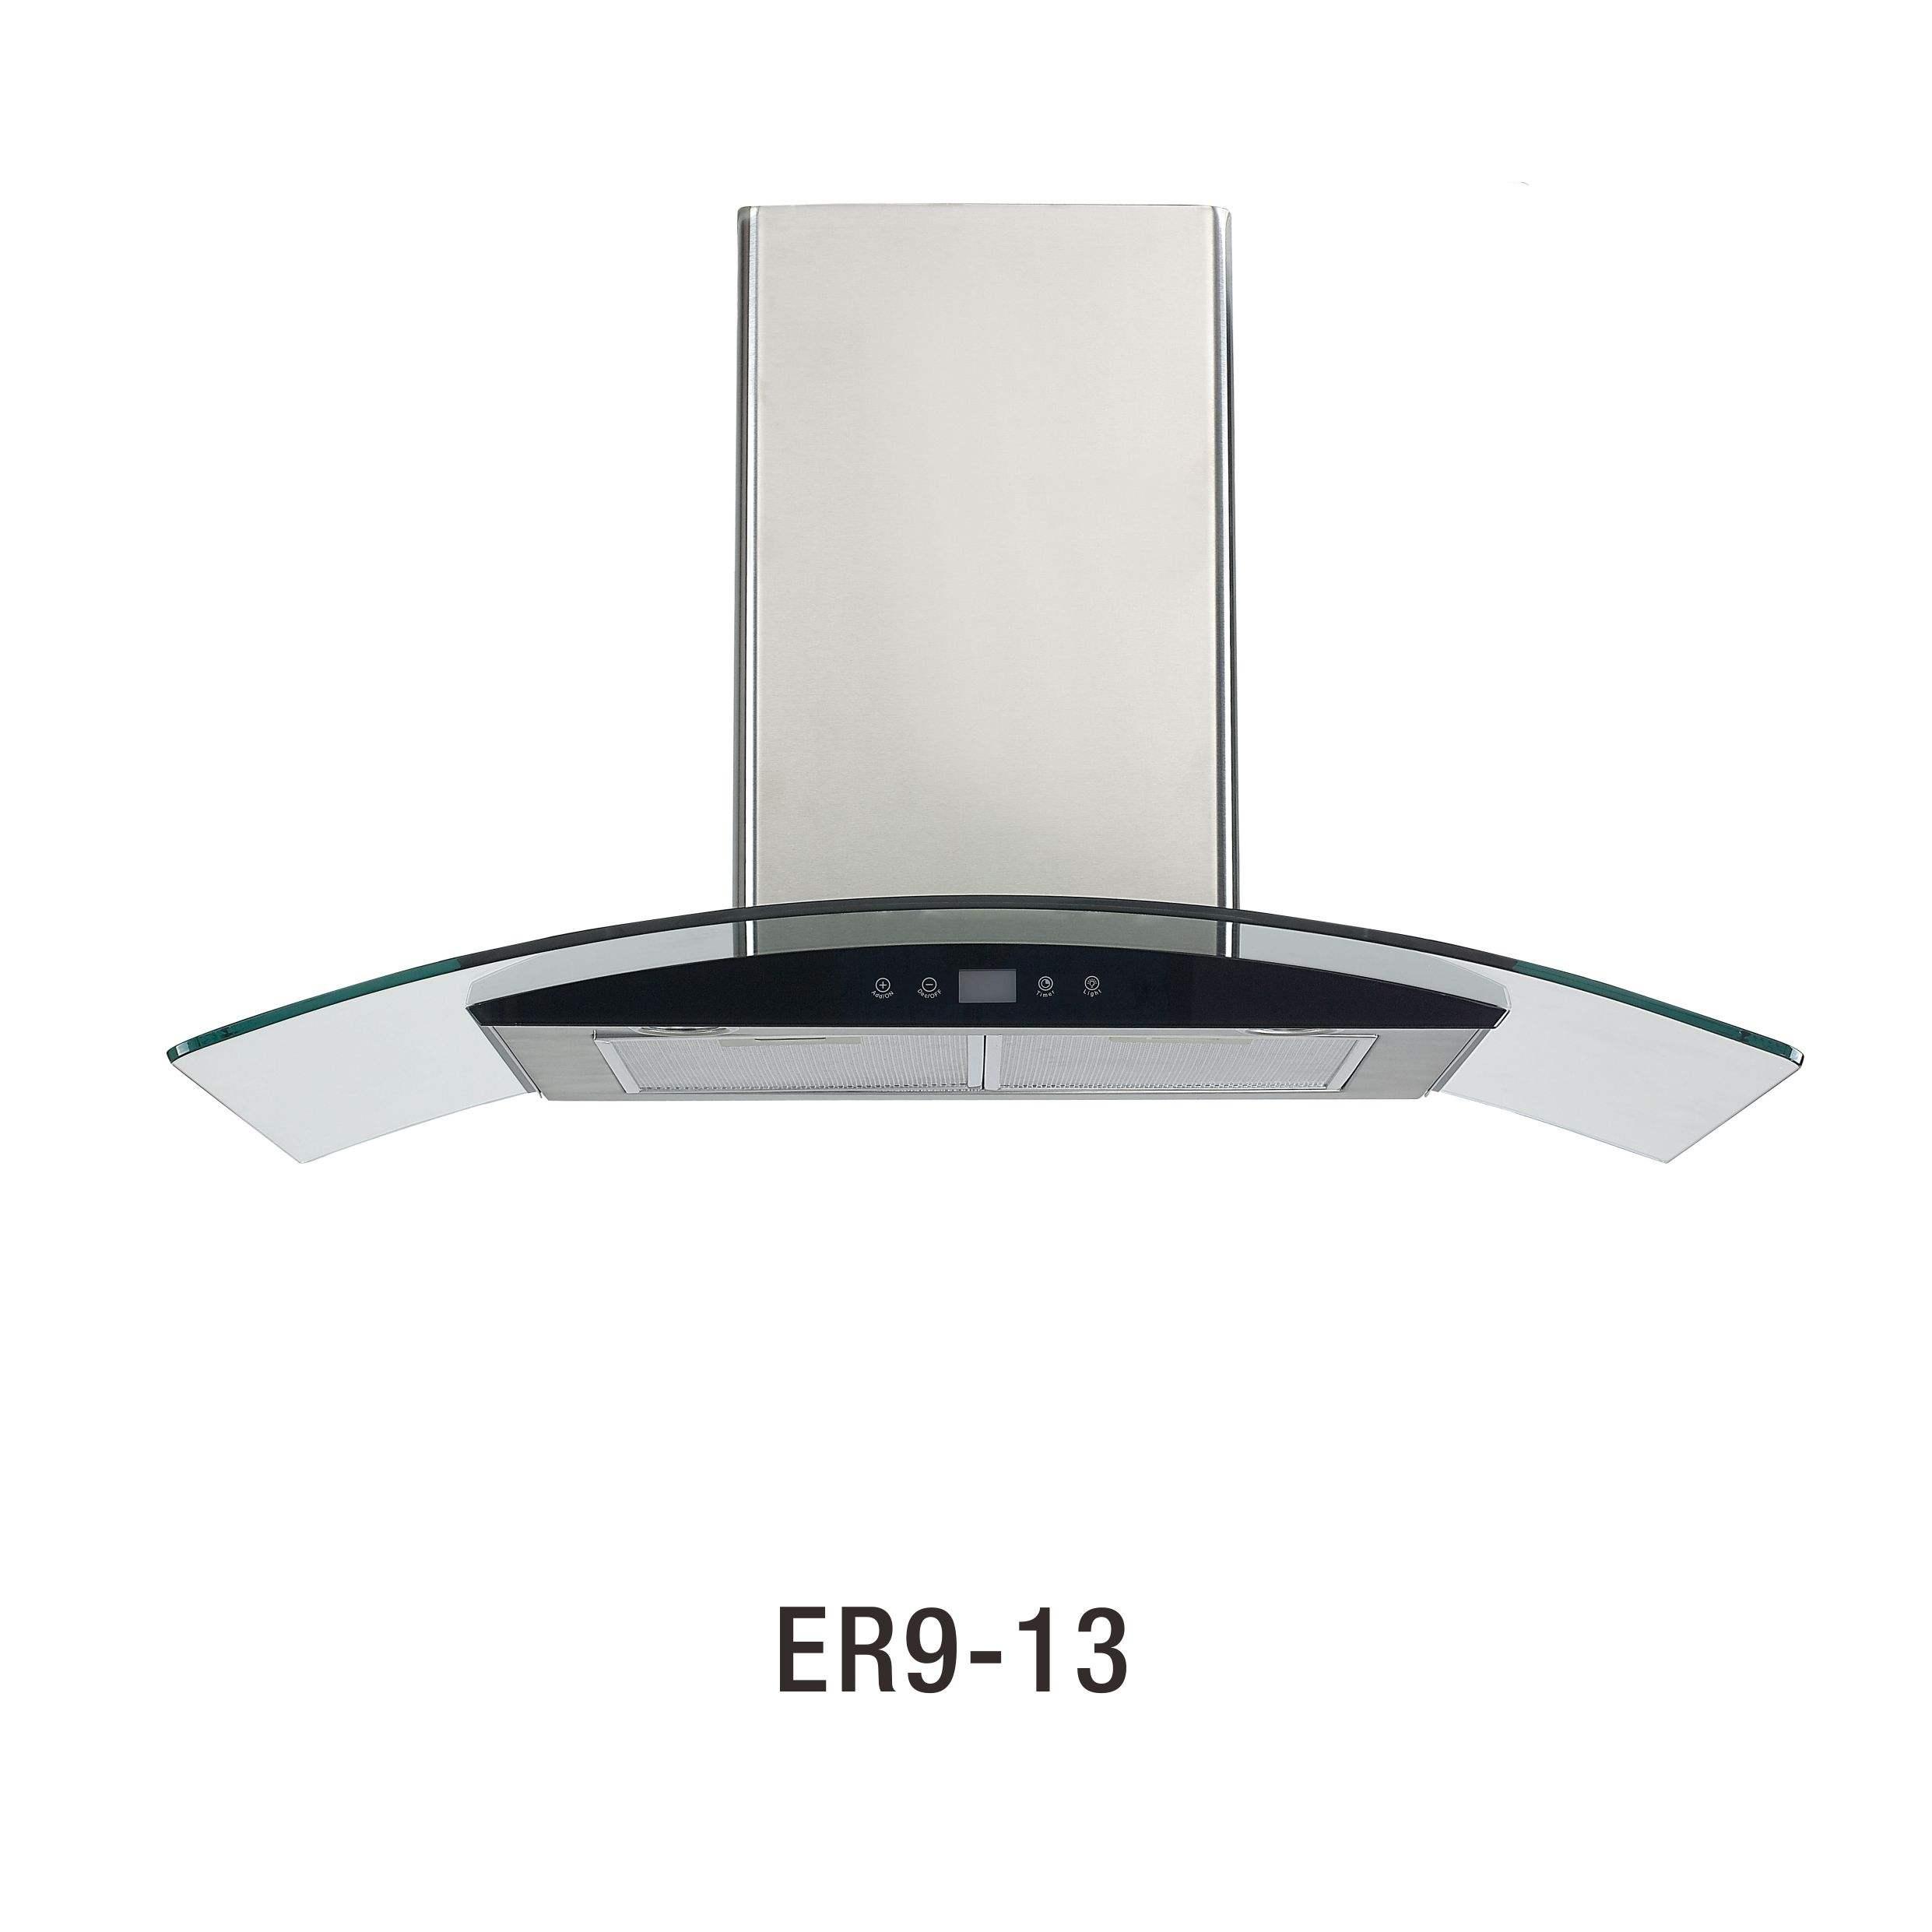 Remplacement Range hood vent Filtre à graisse 99010316 pour BROAN Modèles